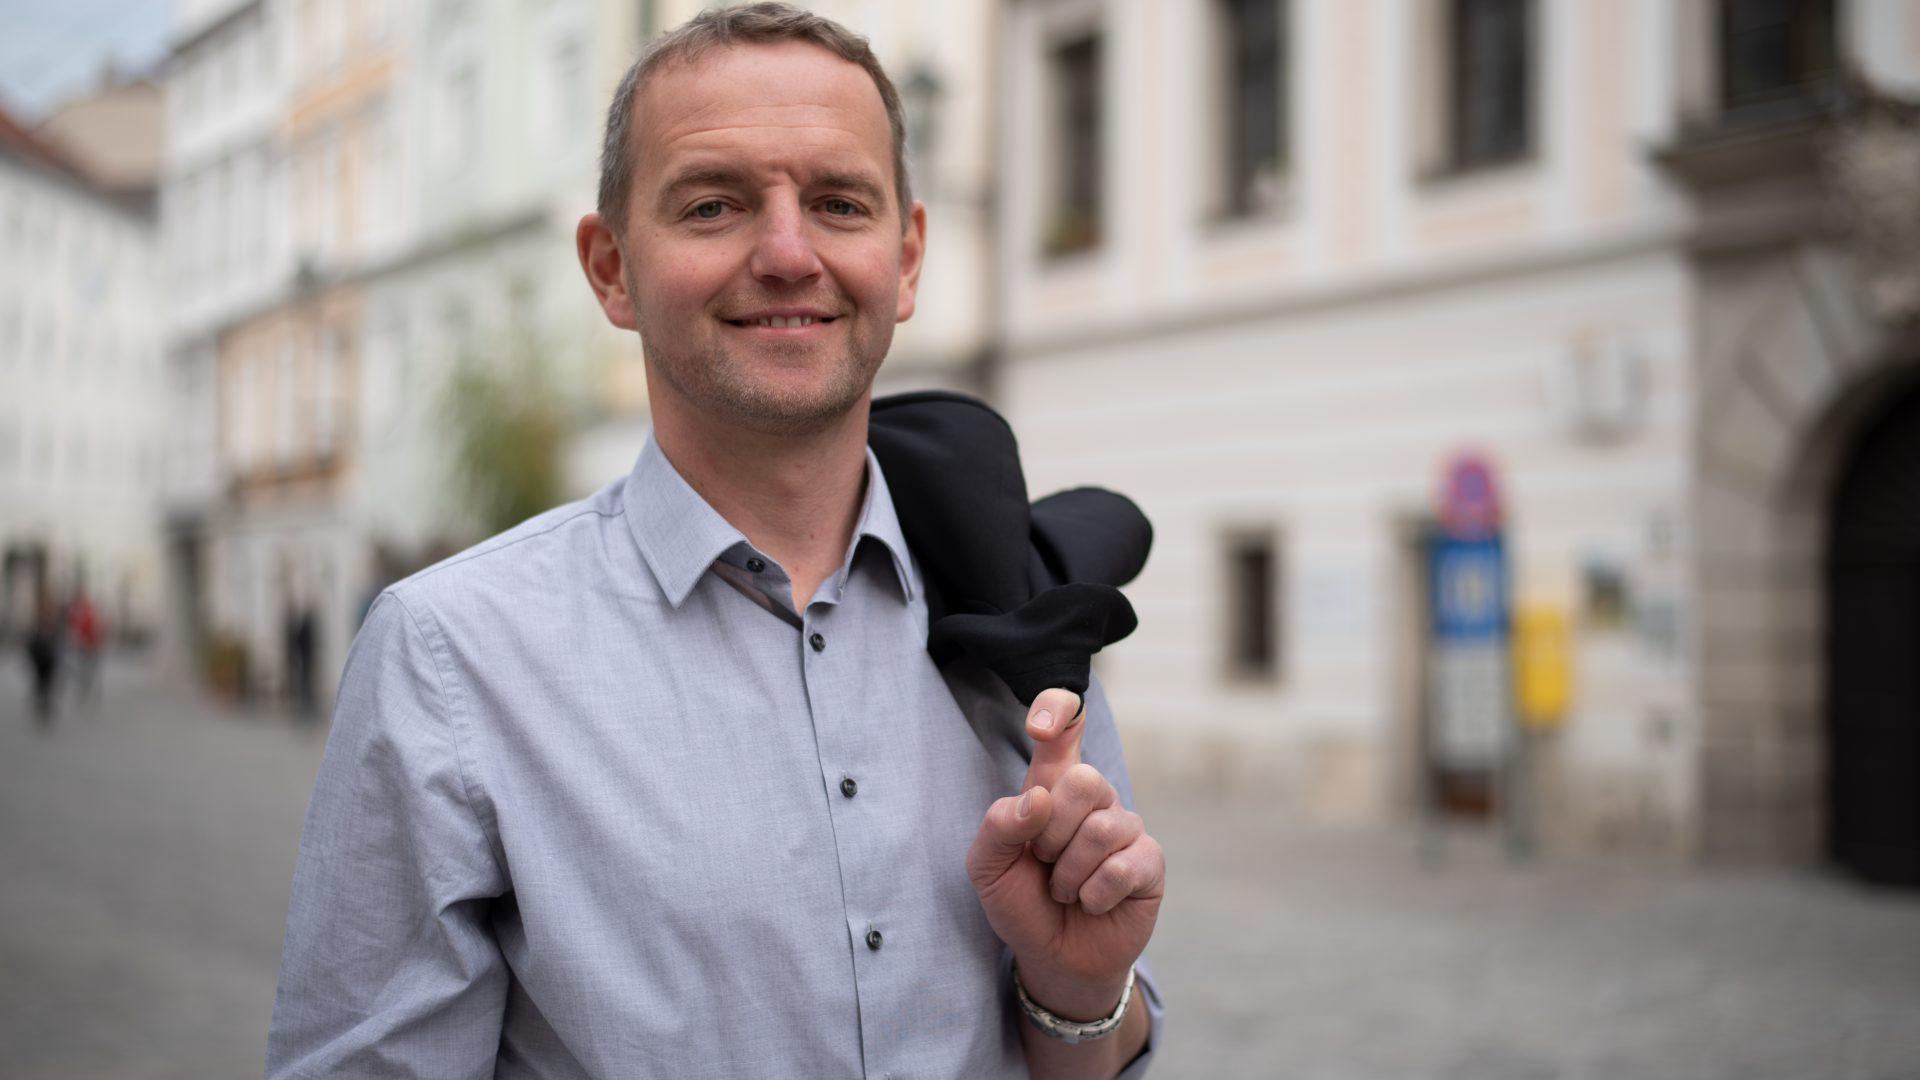 Sieger des knappen Duells um den vakanten Bürgermeistersessel: Heinz Oberndorfer (Bild: ZVG)